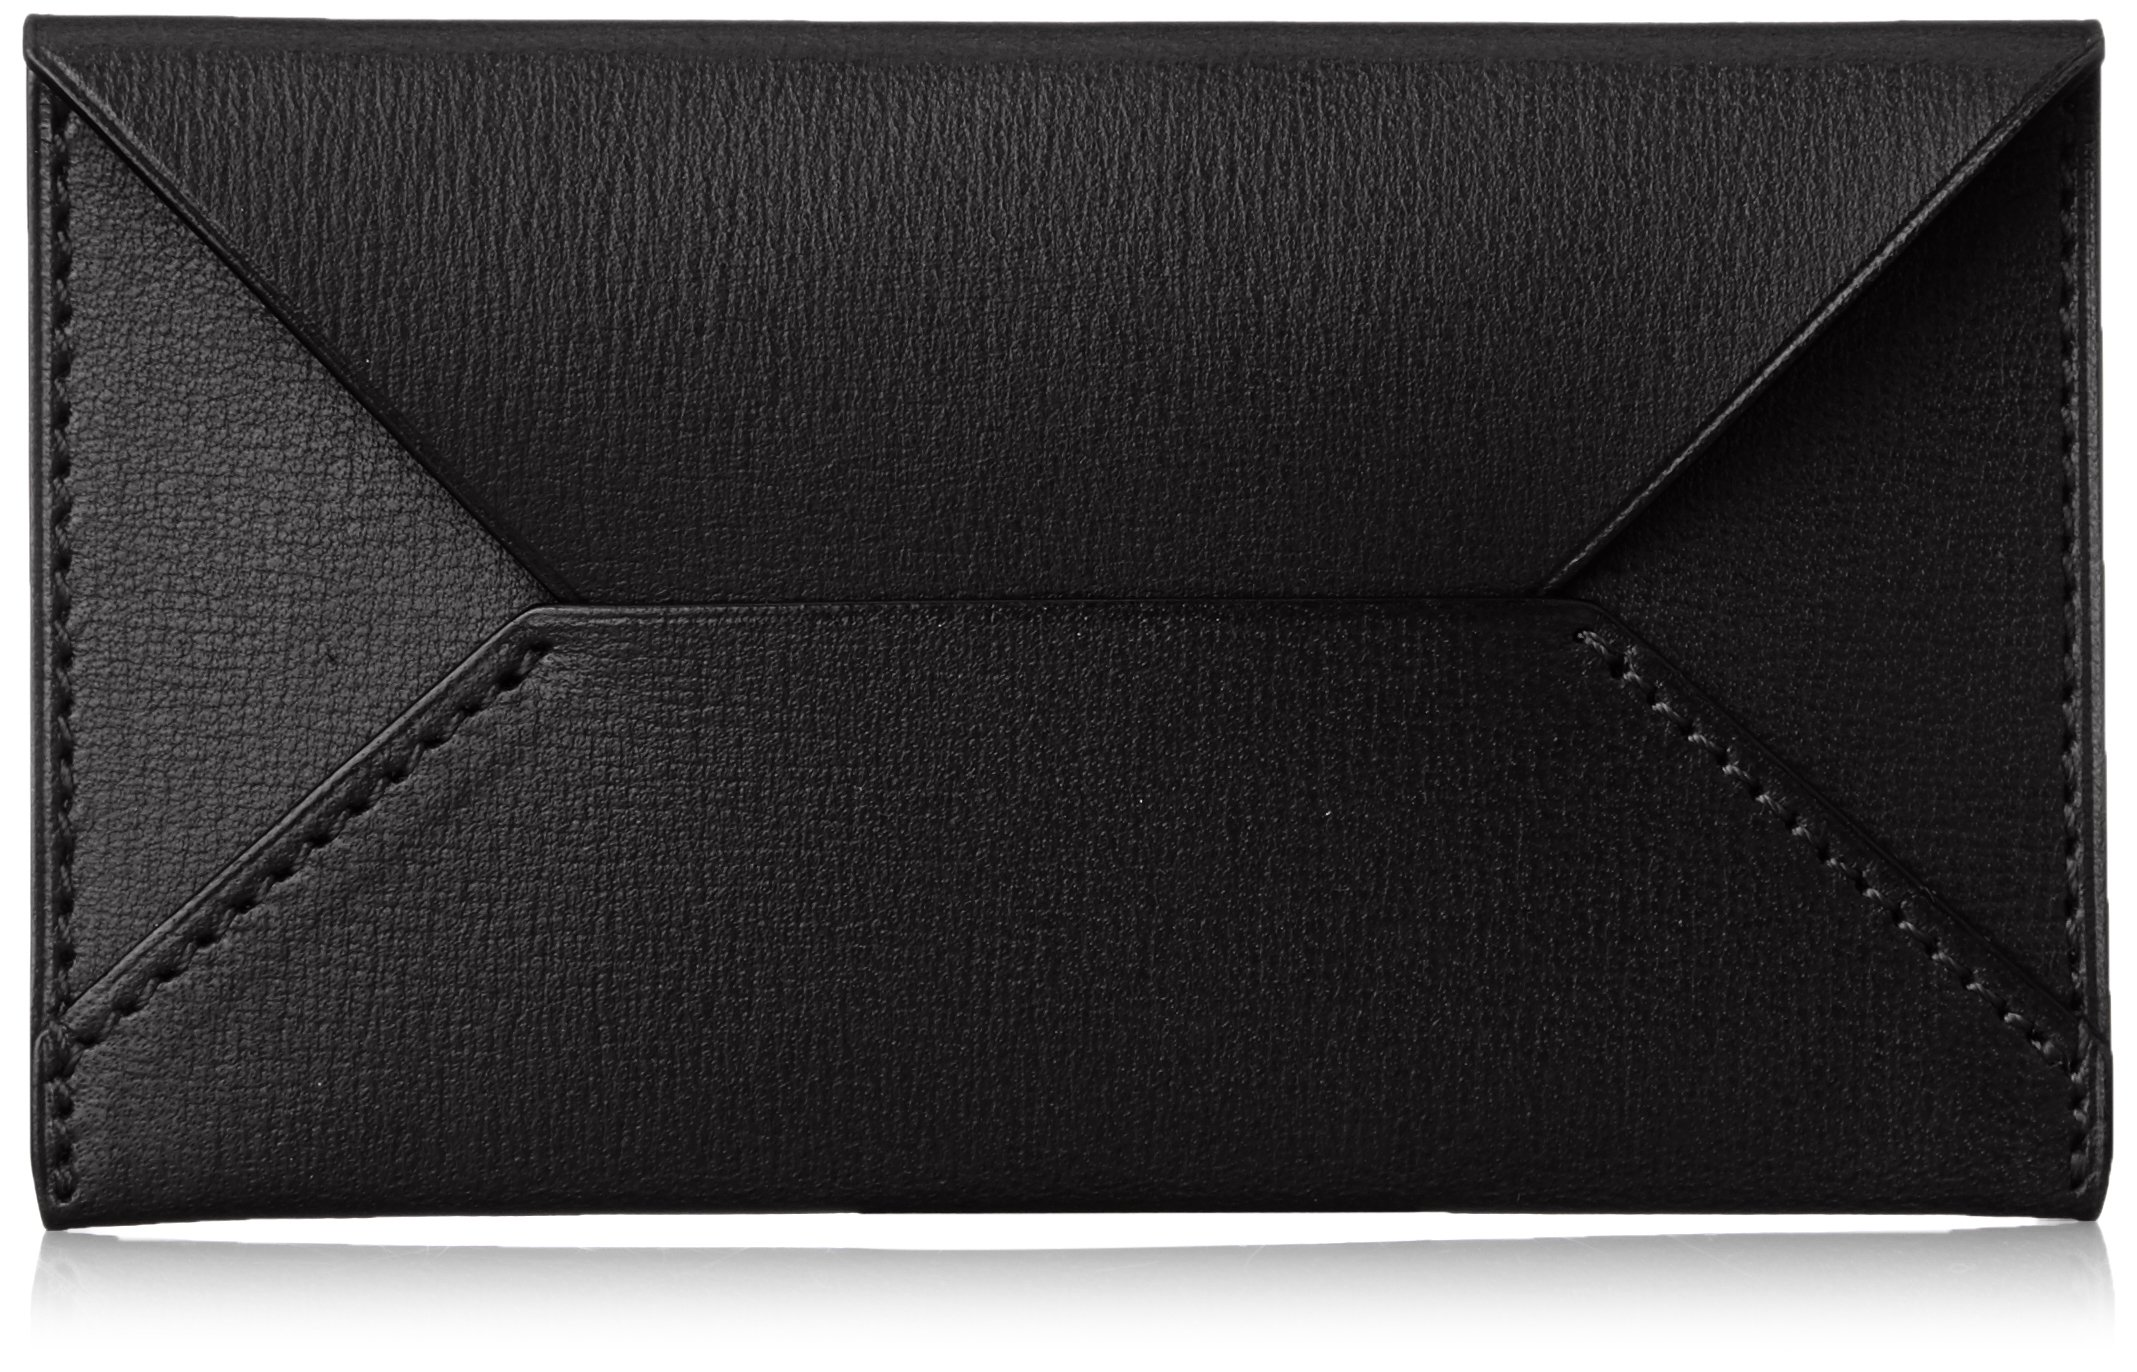 MAISON de HIROAN Leather Business Card Case Made in Japan 21539 Black by MAISON de HIROAN